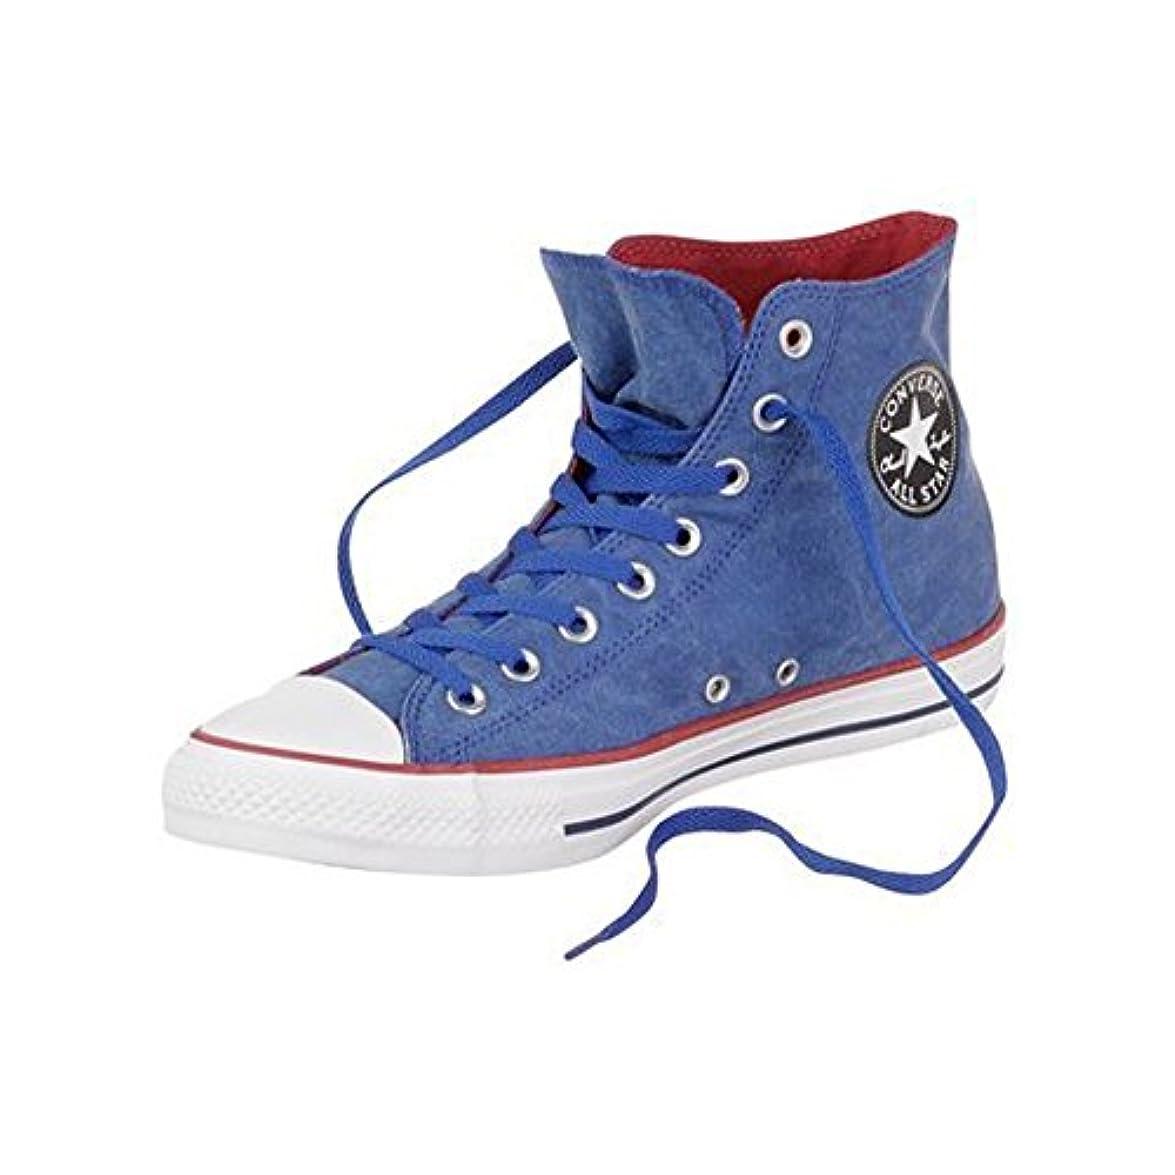 Converse Sneaker Donna Blu Blu blu 36